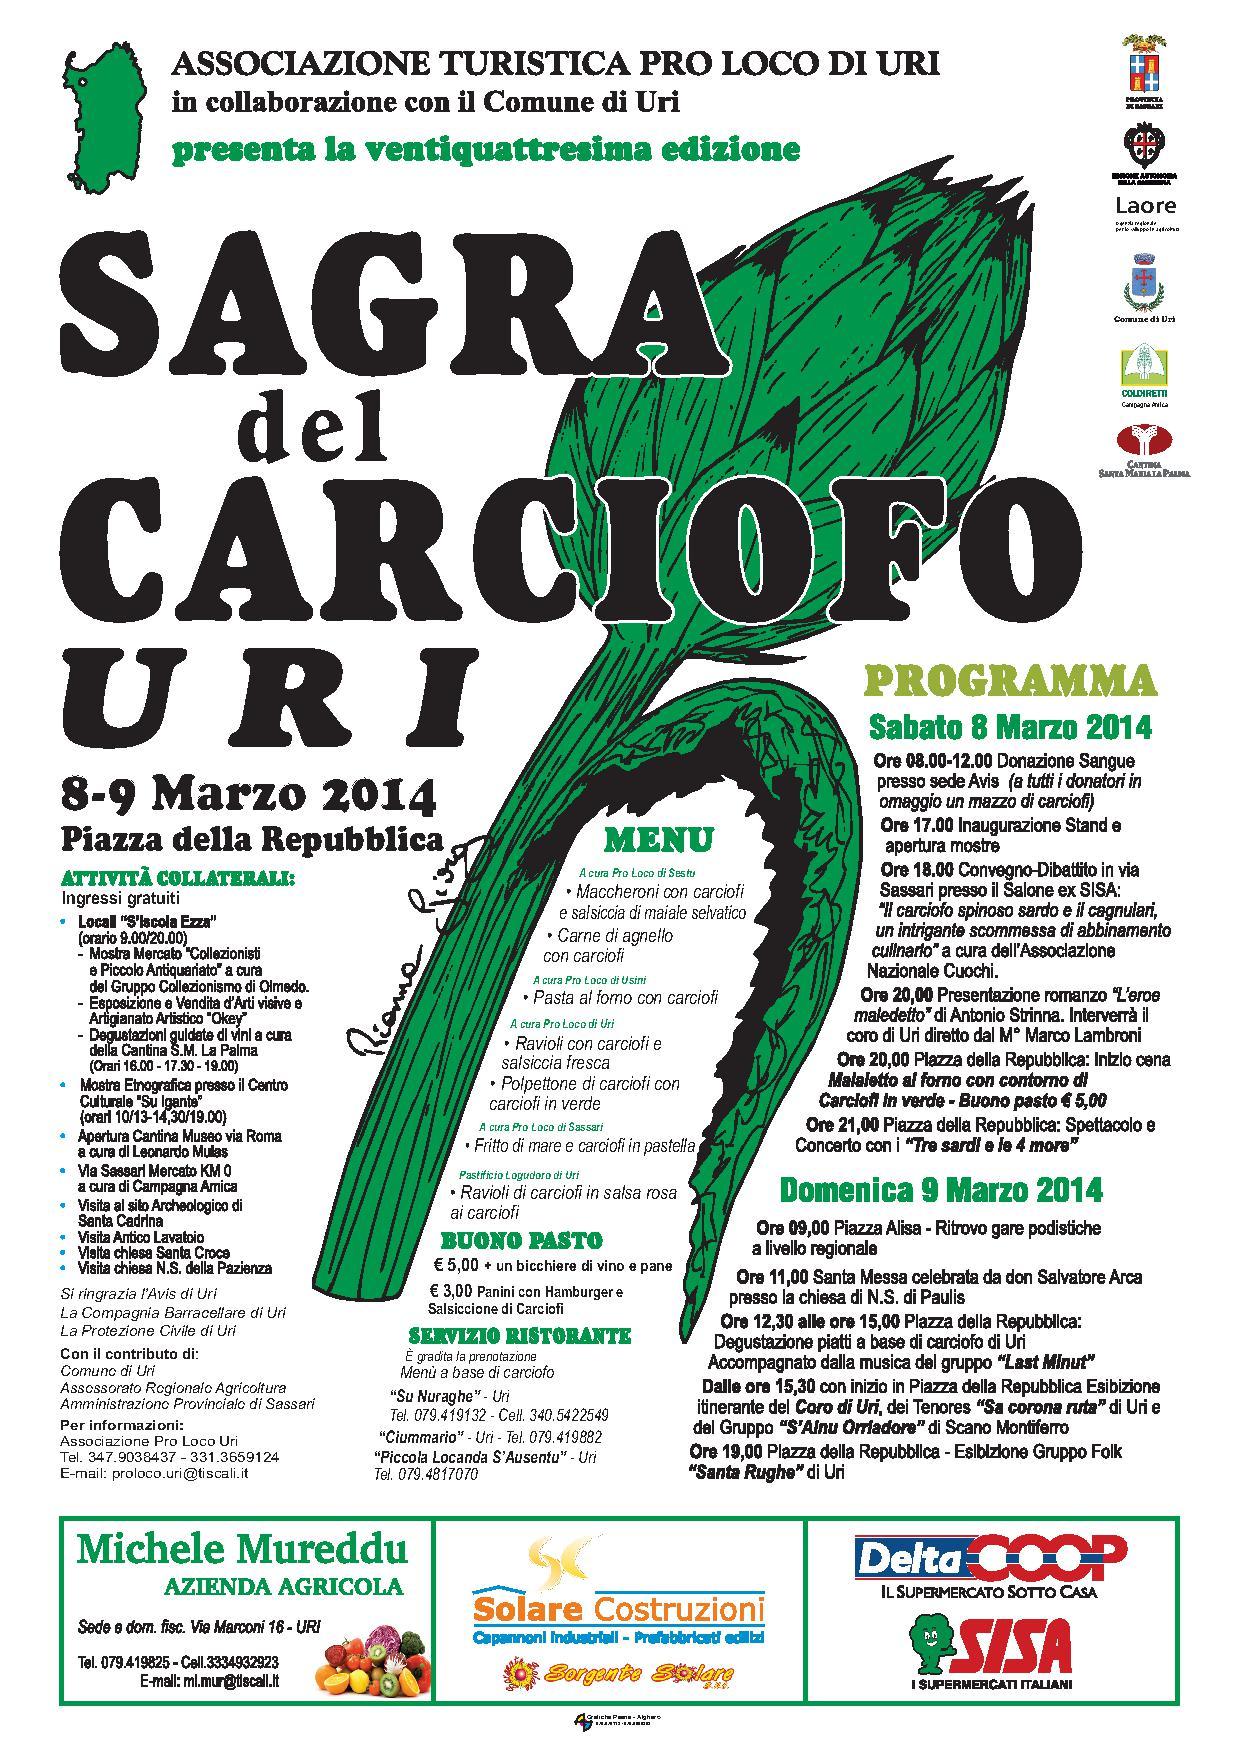 XXIV Sagra del Carciofo - 8 e 9 Marzo 2014